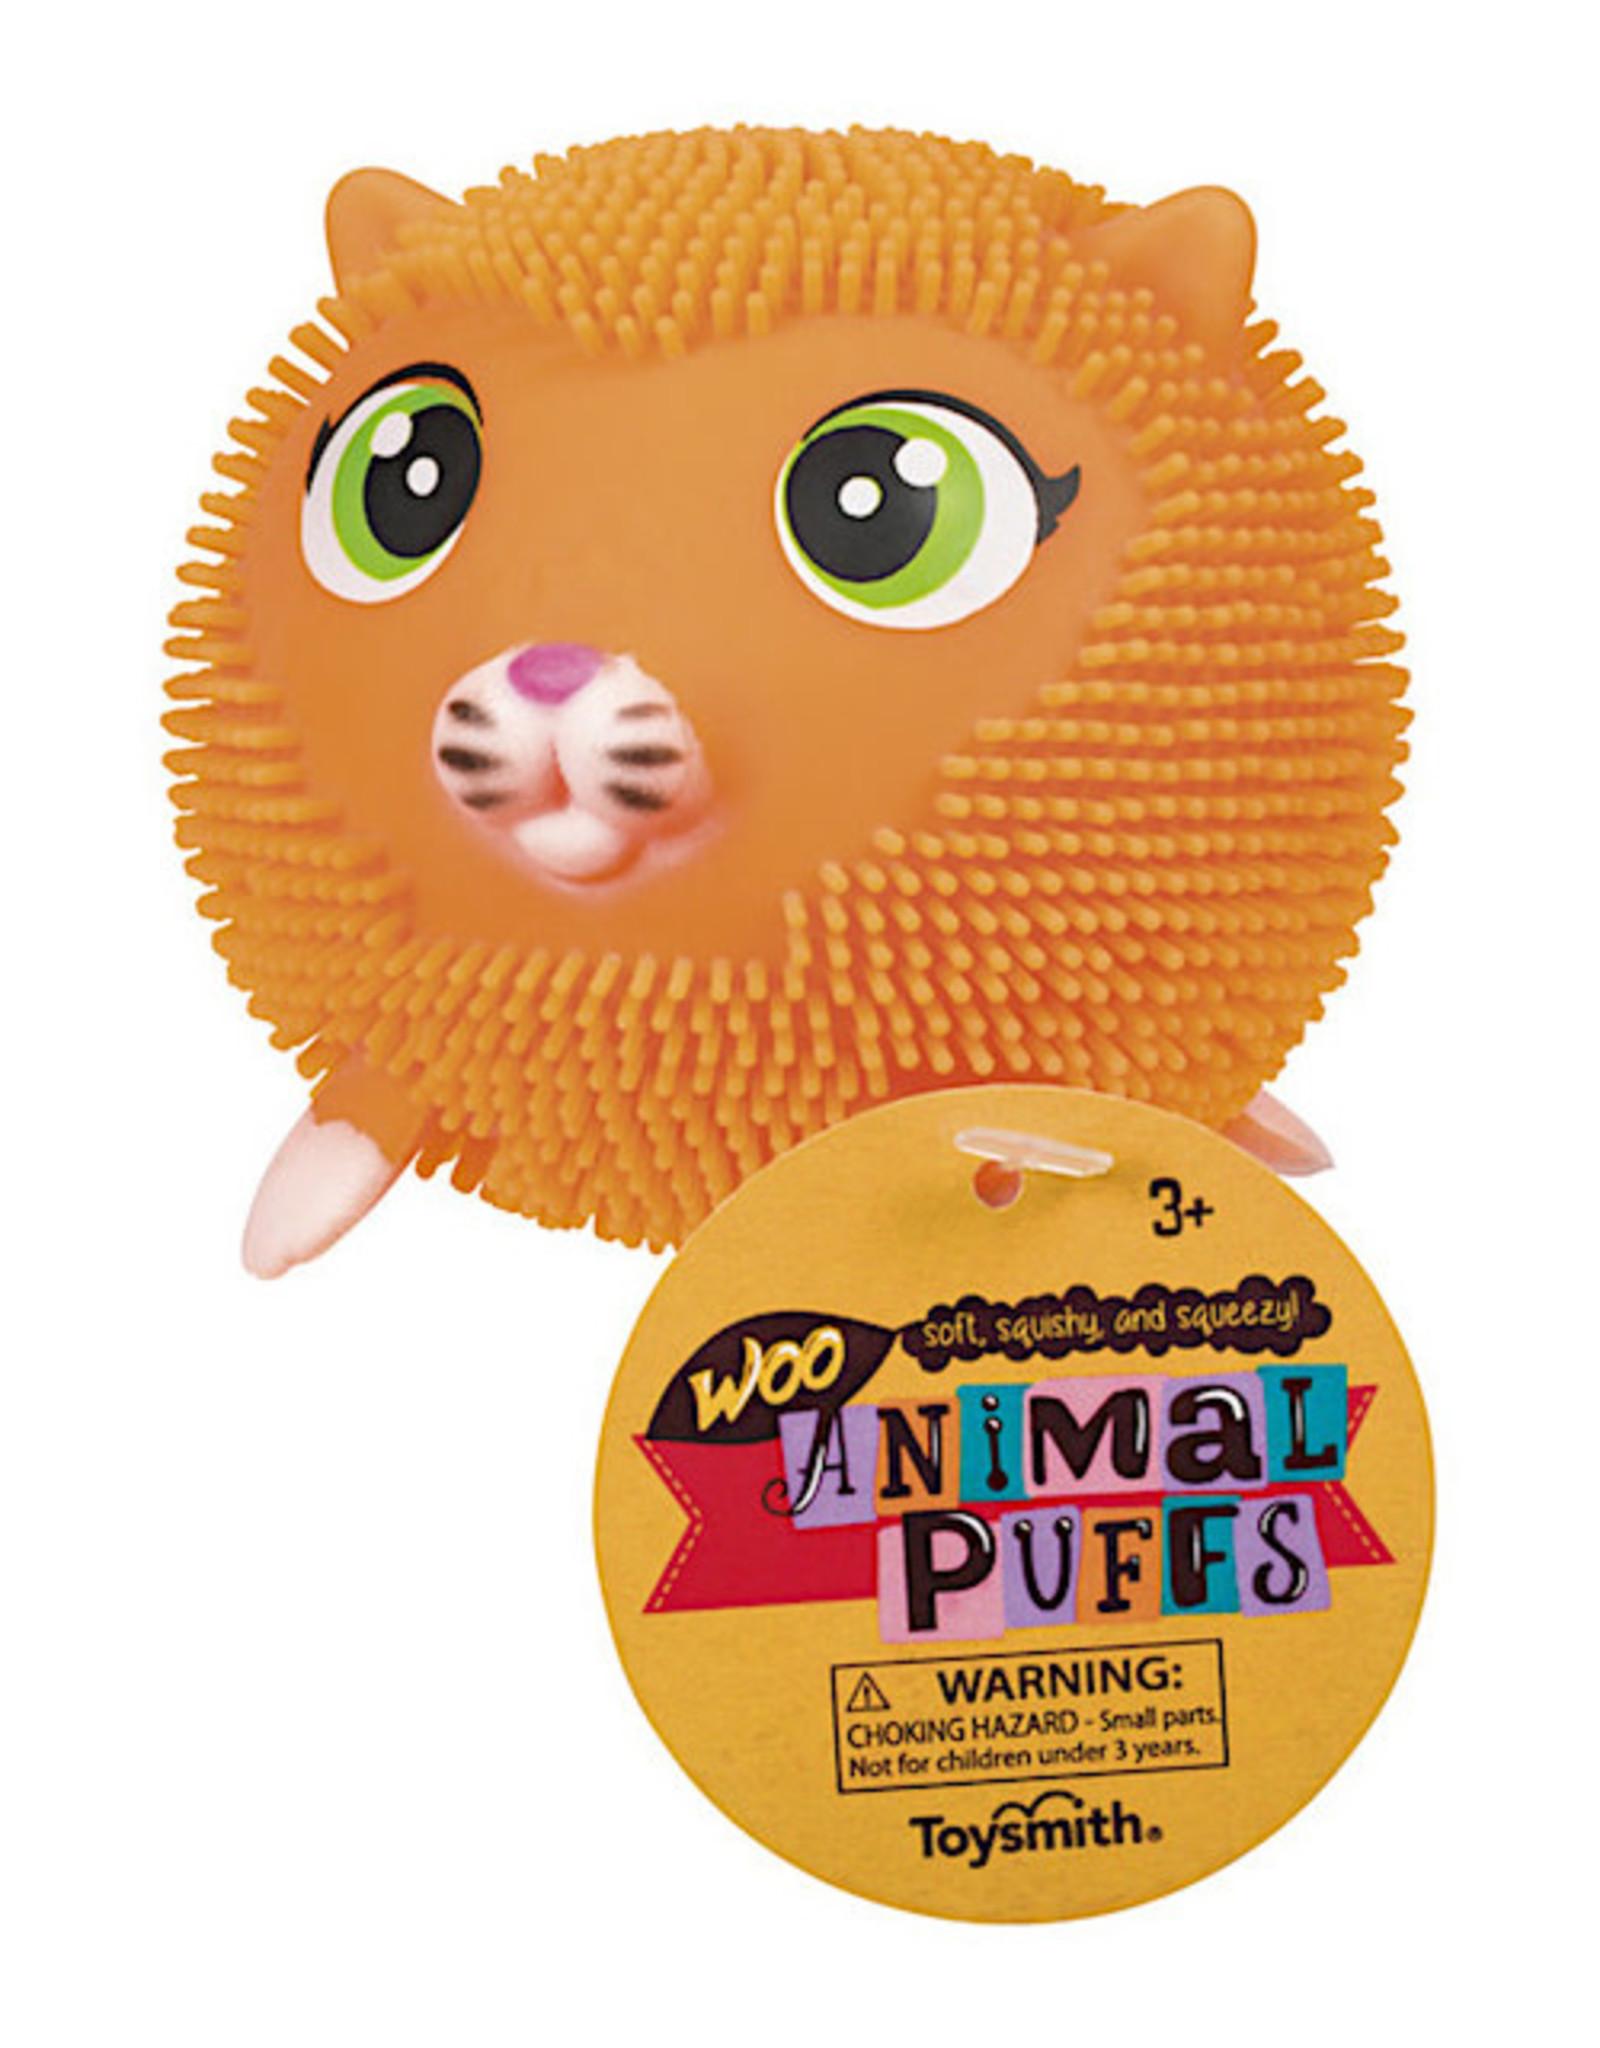 Woo Animal Puffs